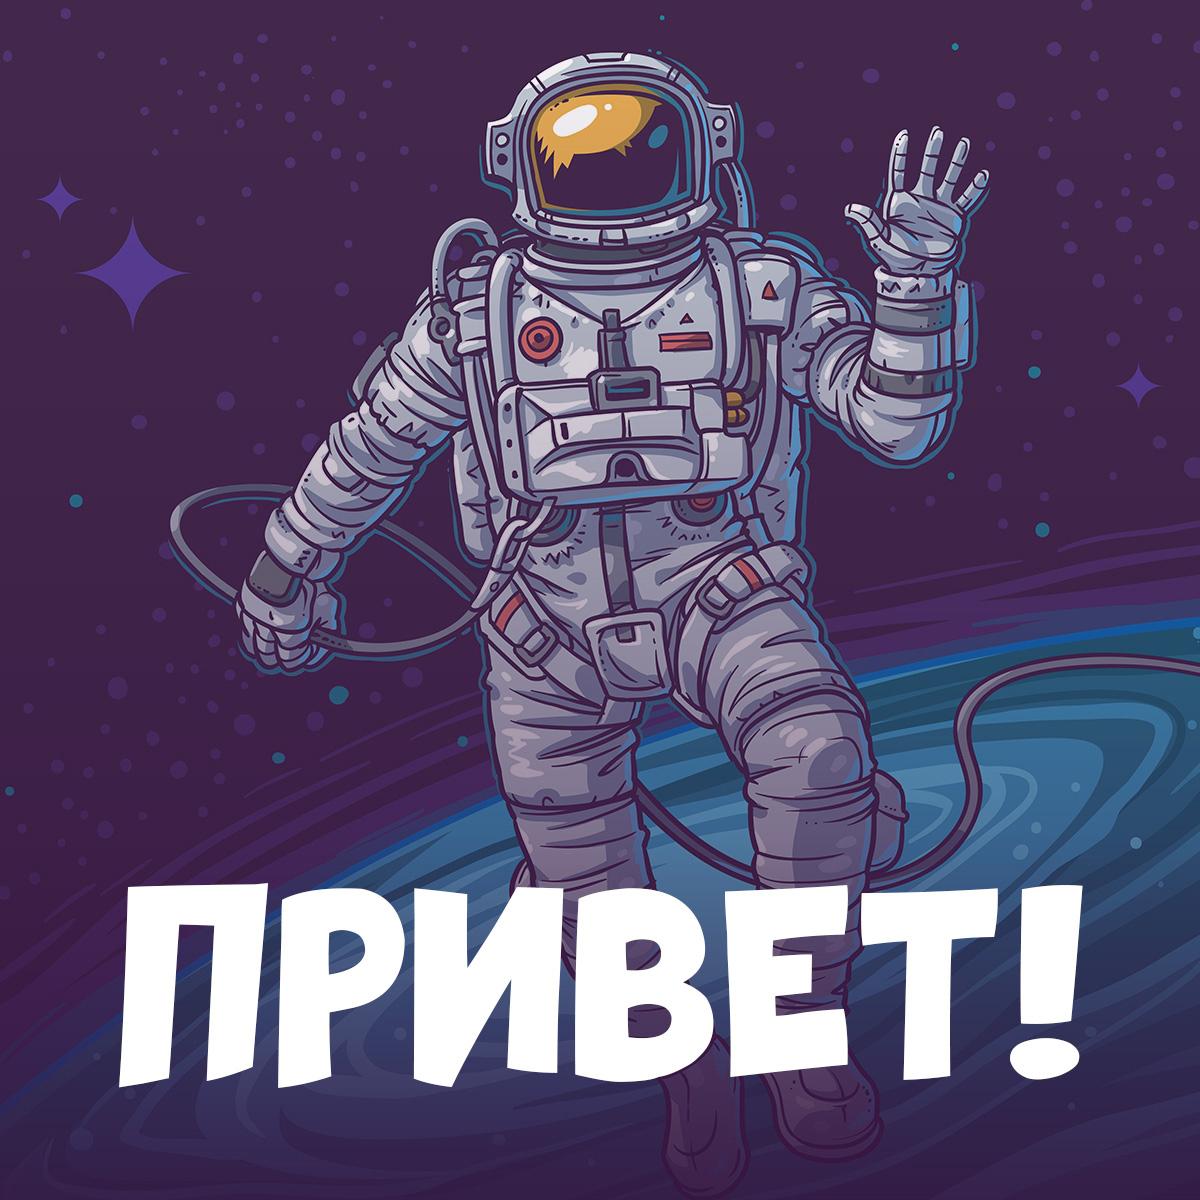 Картинка привет открытка с нарисованным космонавтом в открытом космическом пространстве